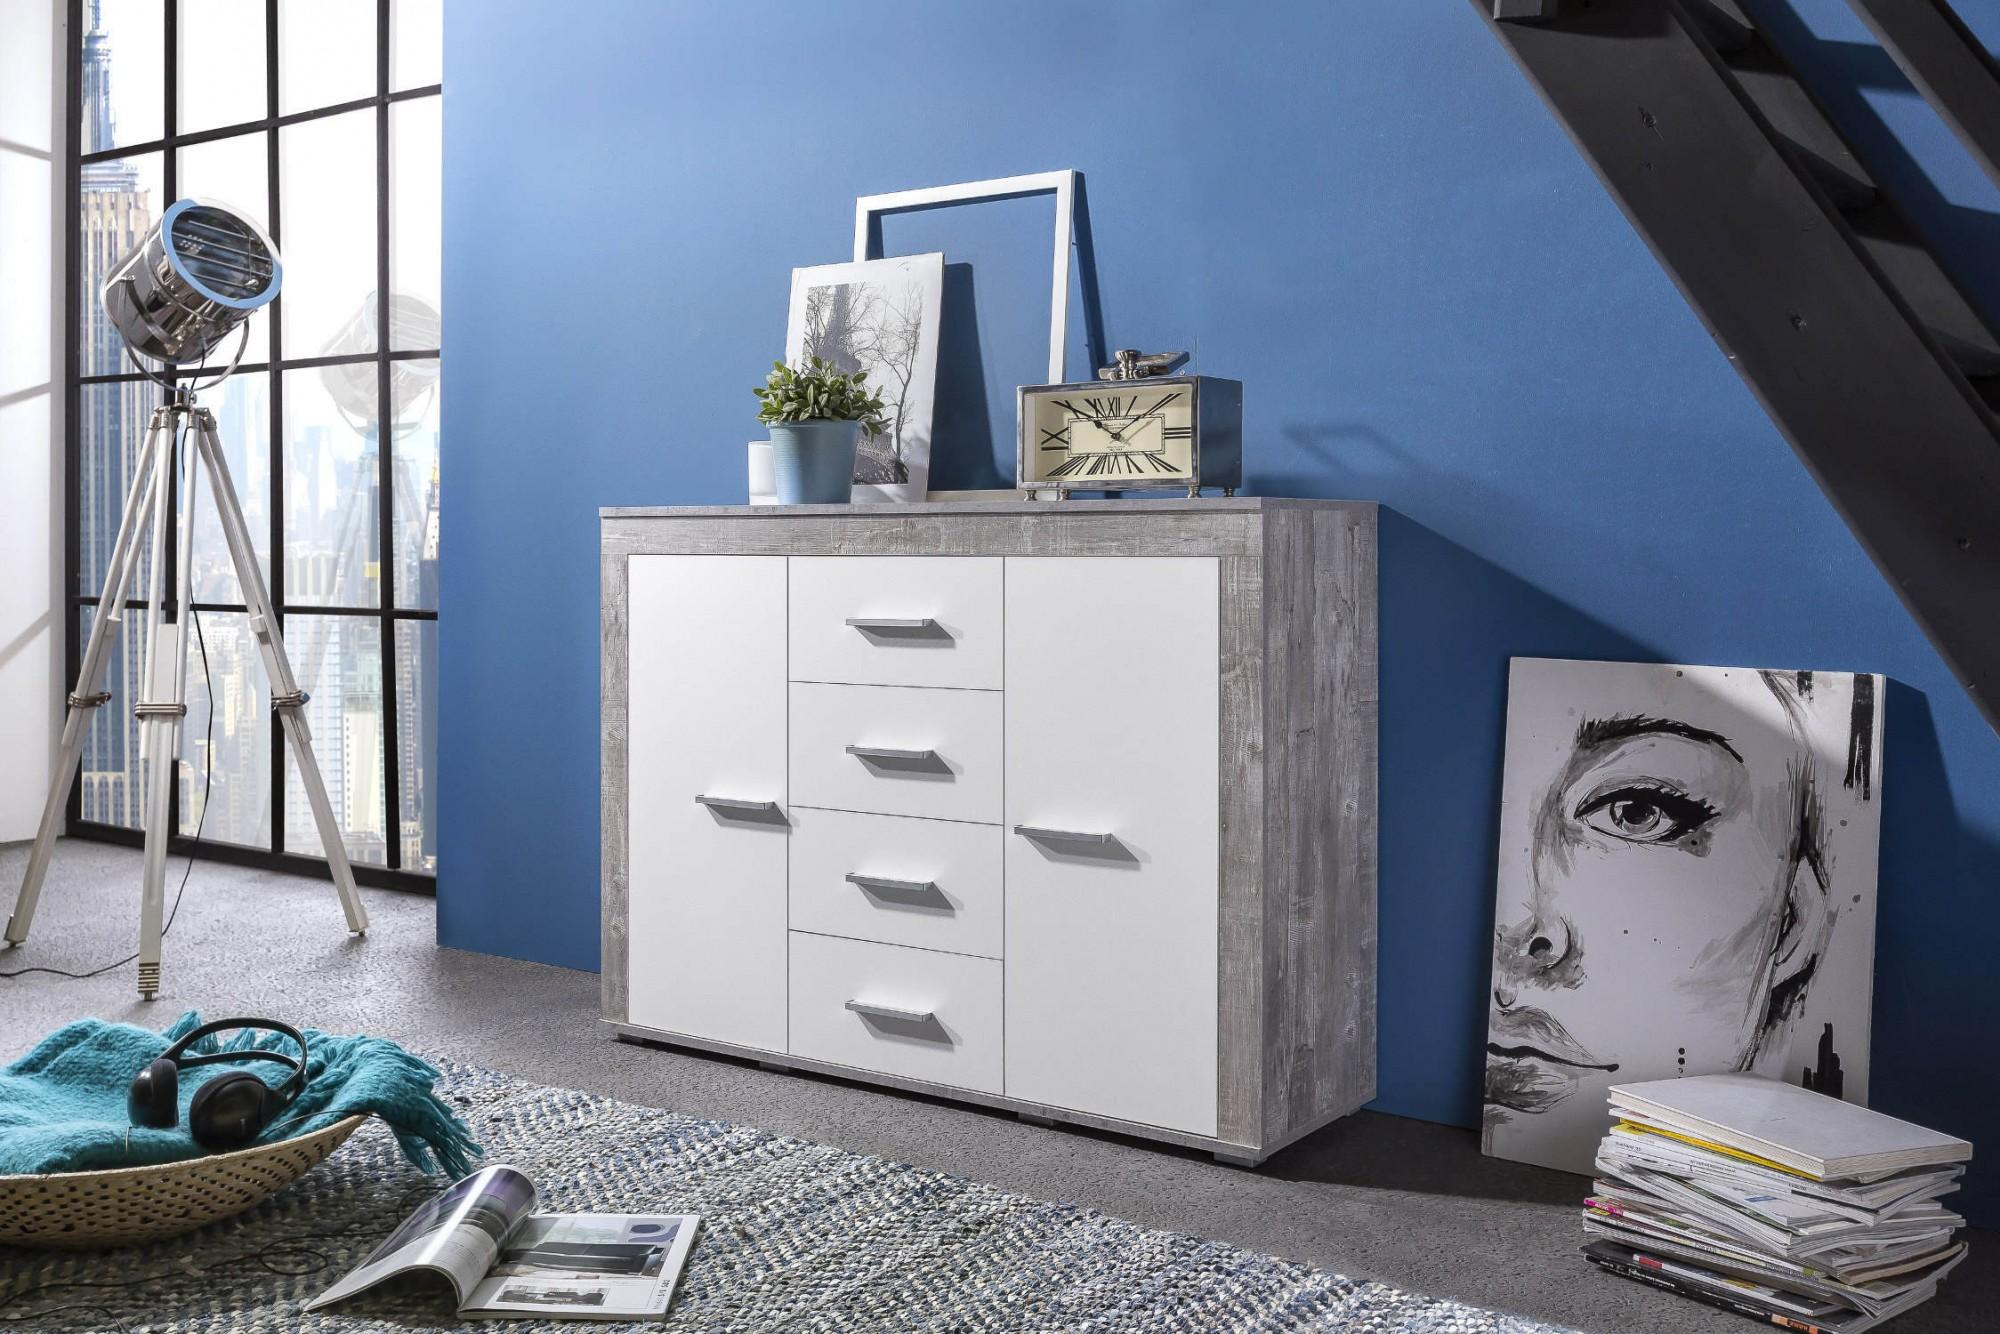 sideboard aosta 120 cm breit 2 t ren 4 schubladen wei beton grau wohnen sideboards. Black Bedroom Furniture Sets. Home Design Ideas